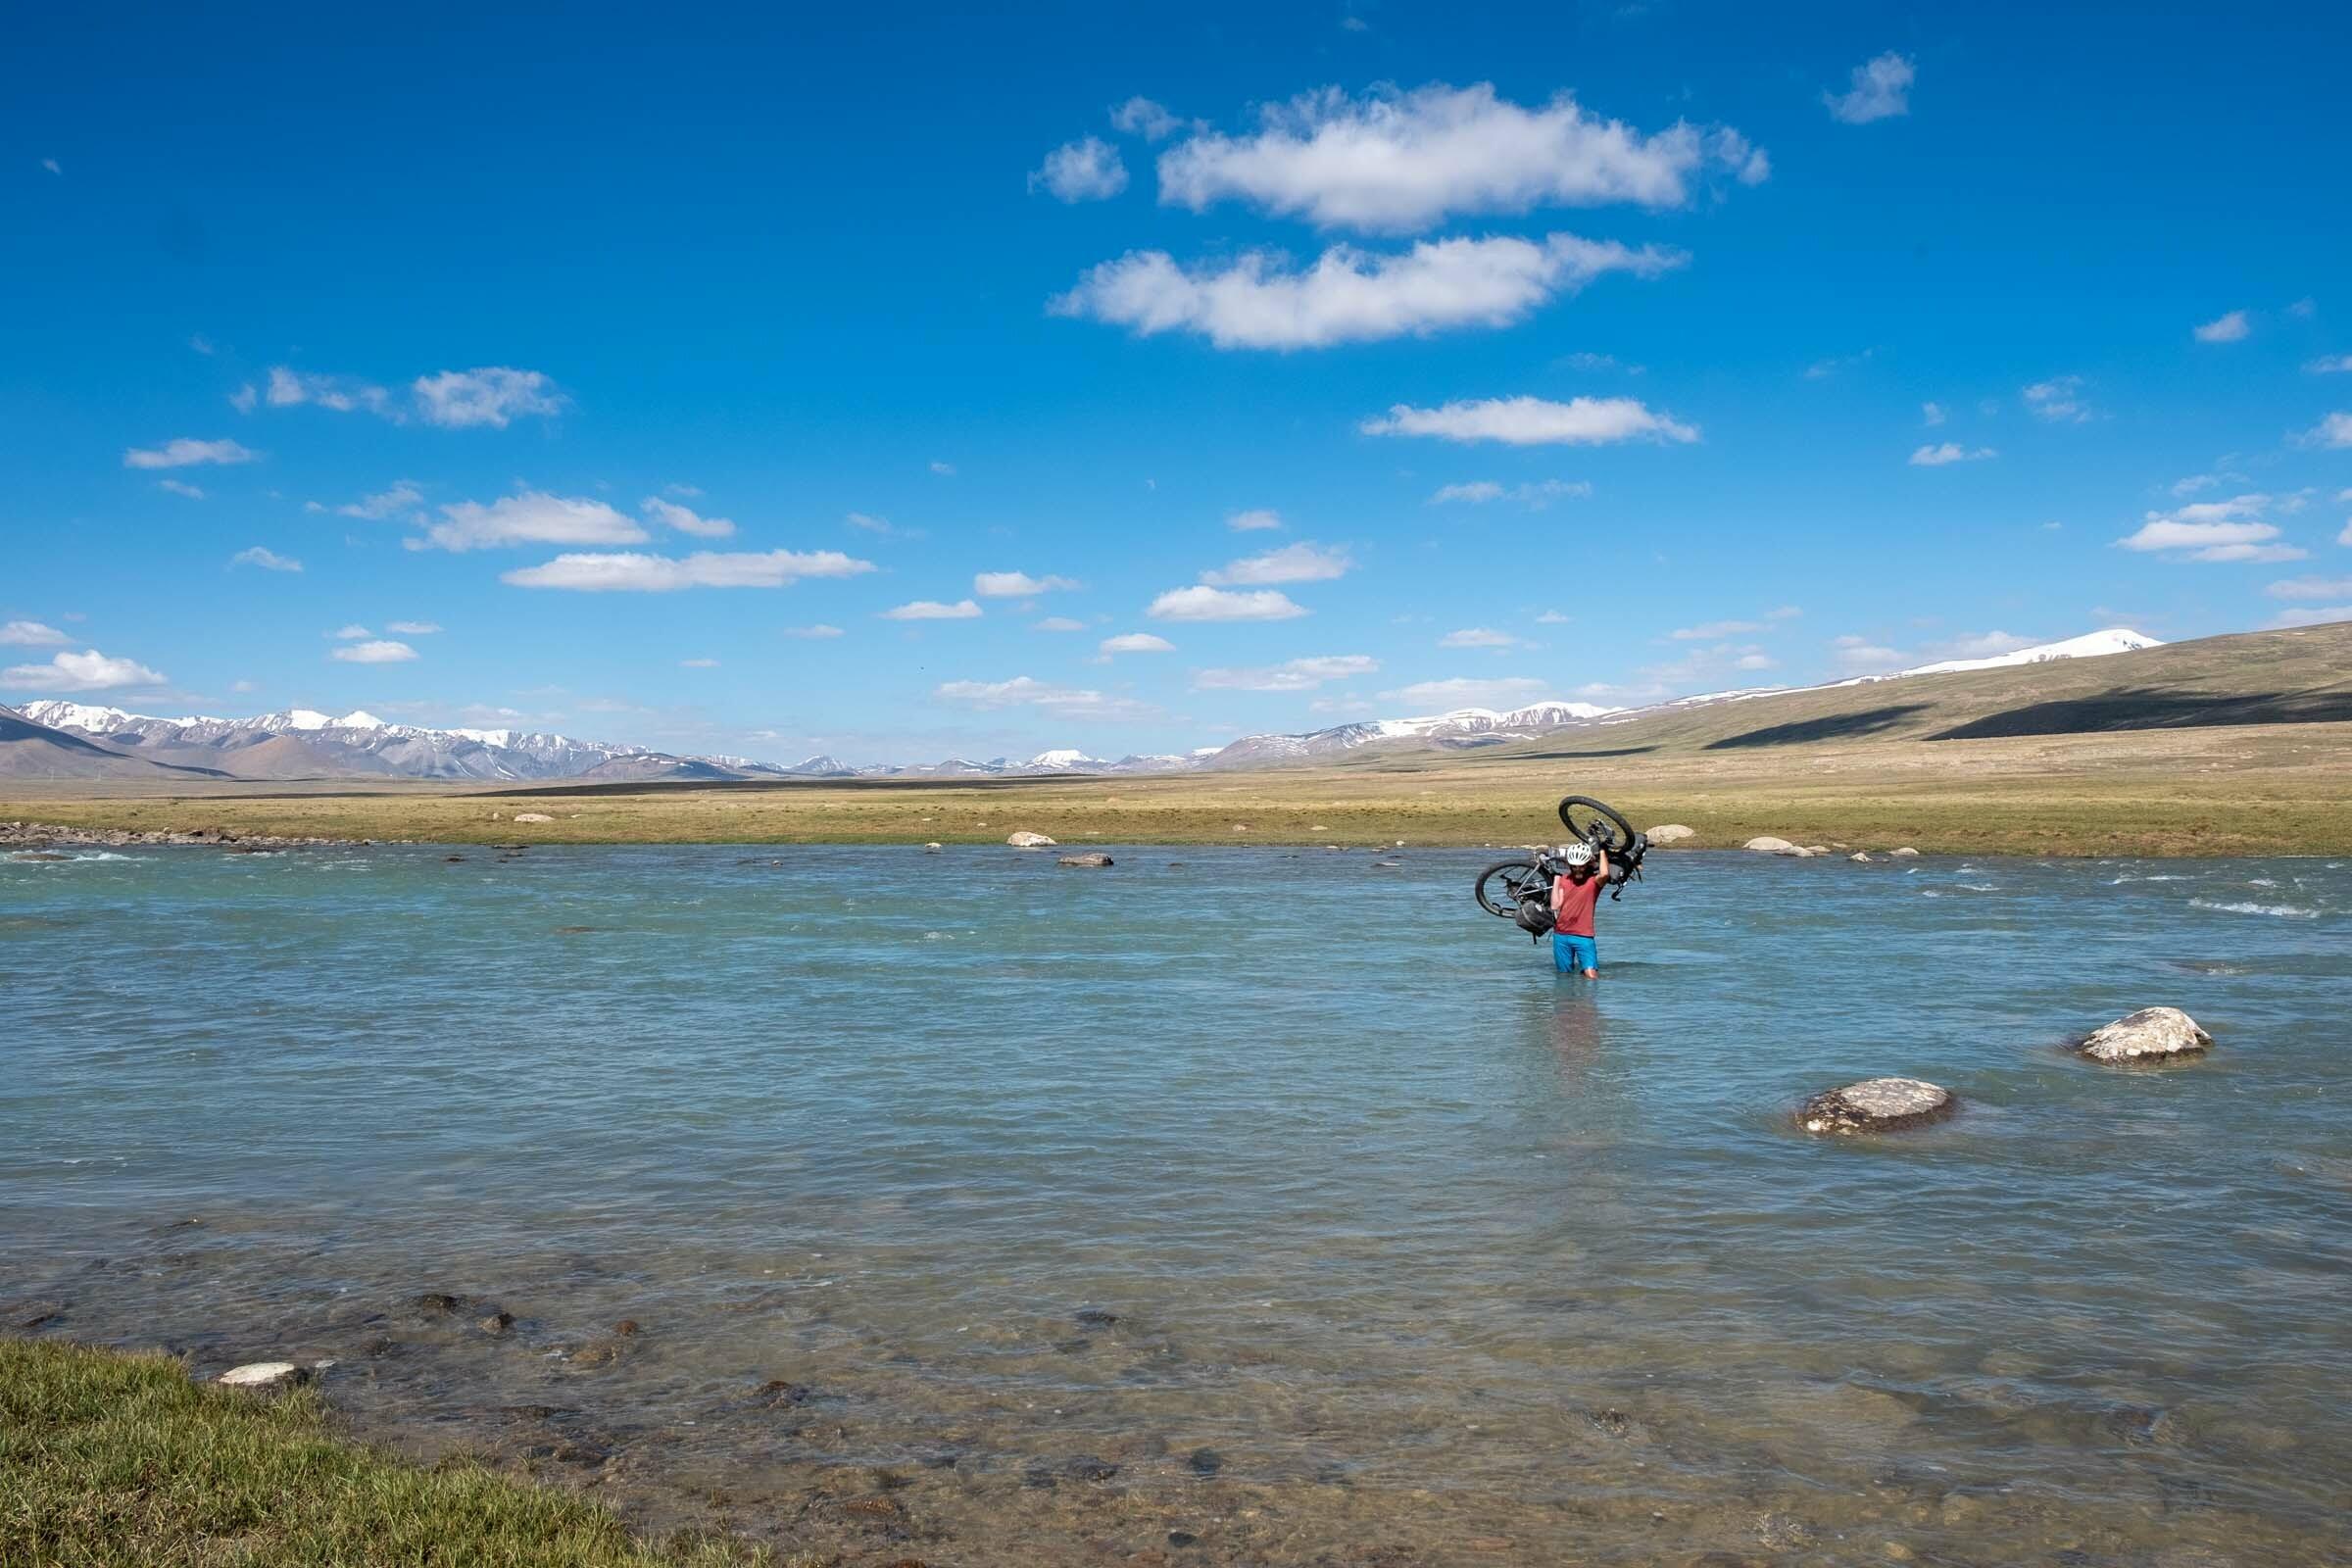 River crossing while bikepacking in Kyrgyzstan